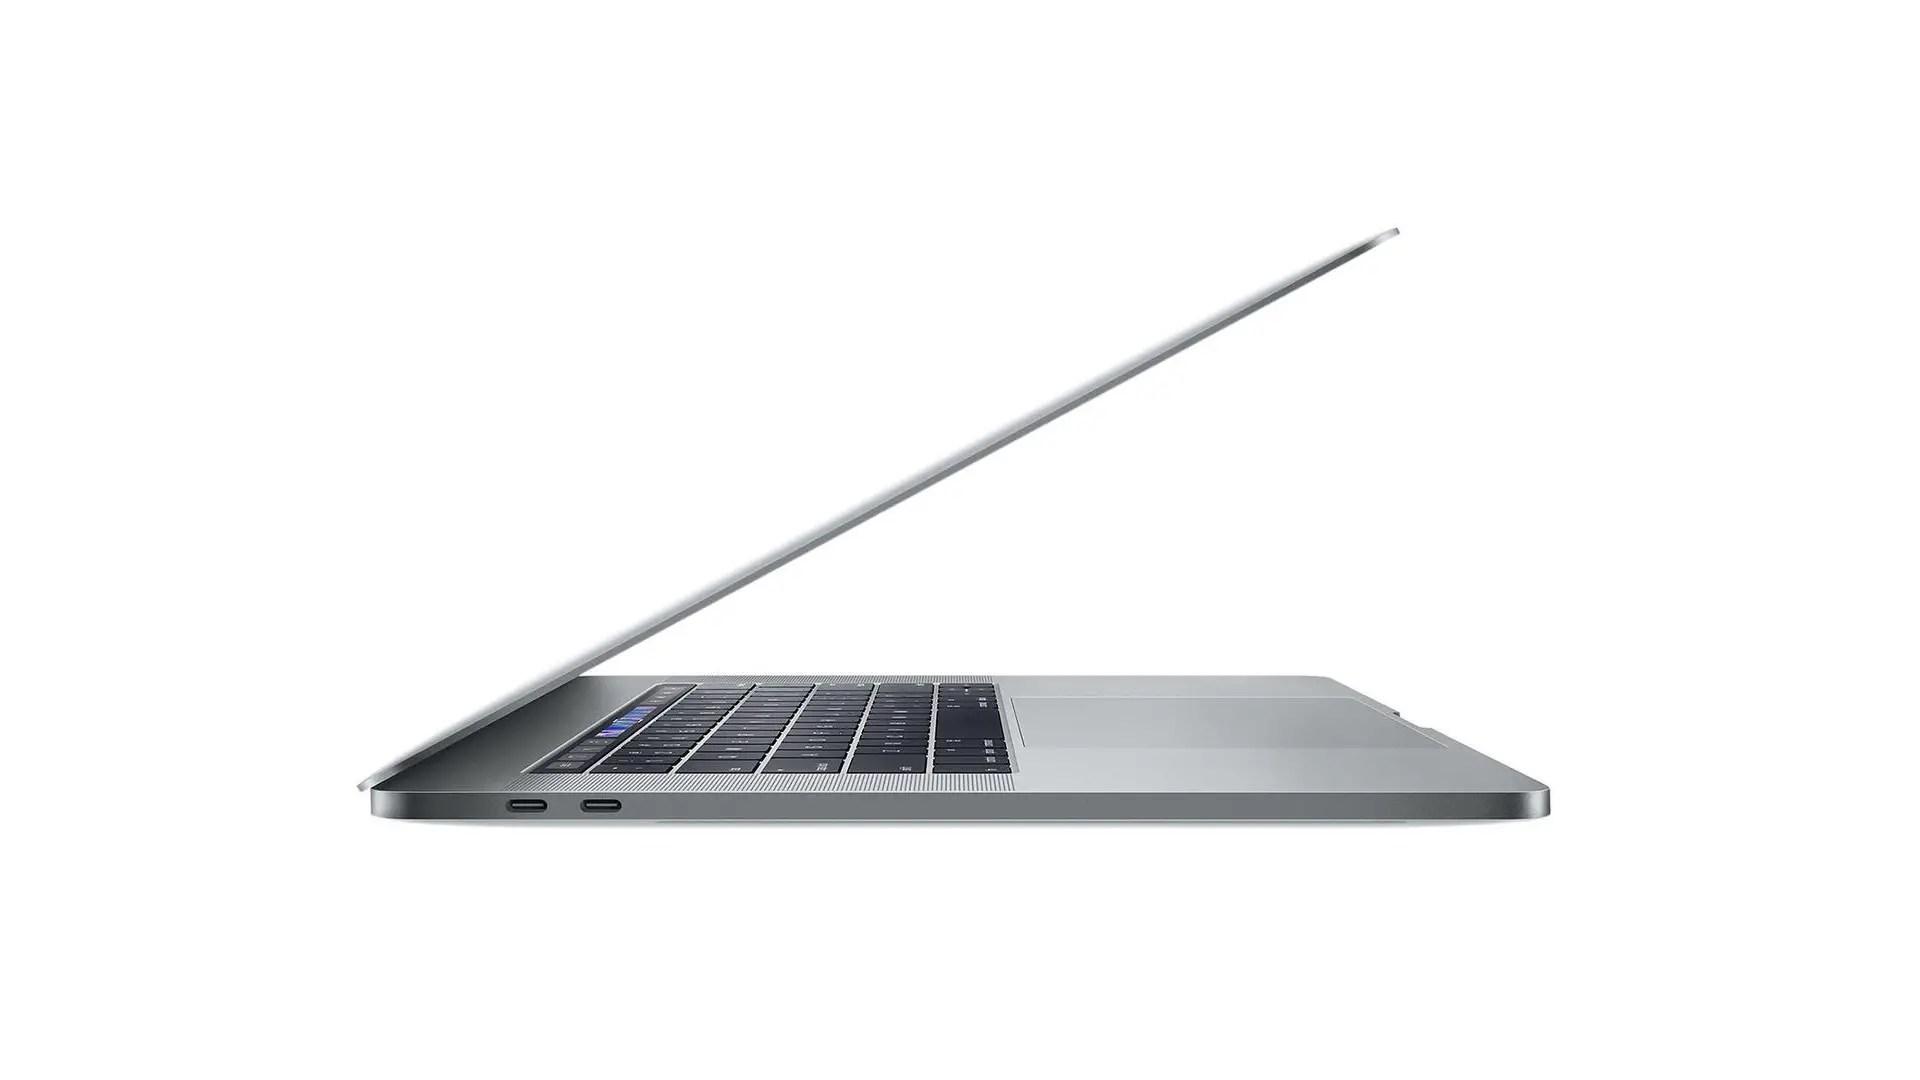 MacBook Pro 15-inch 2019